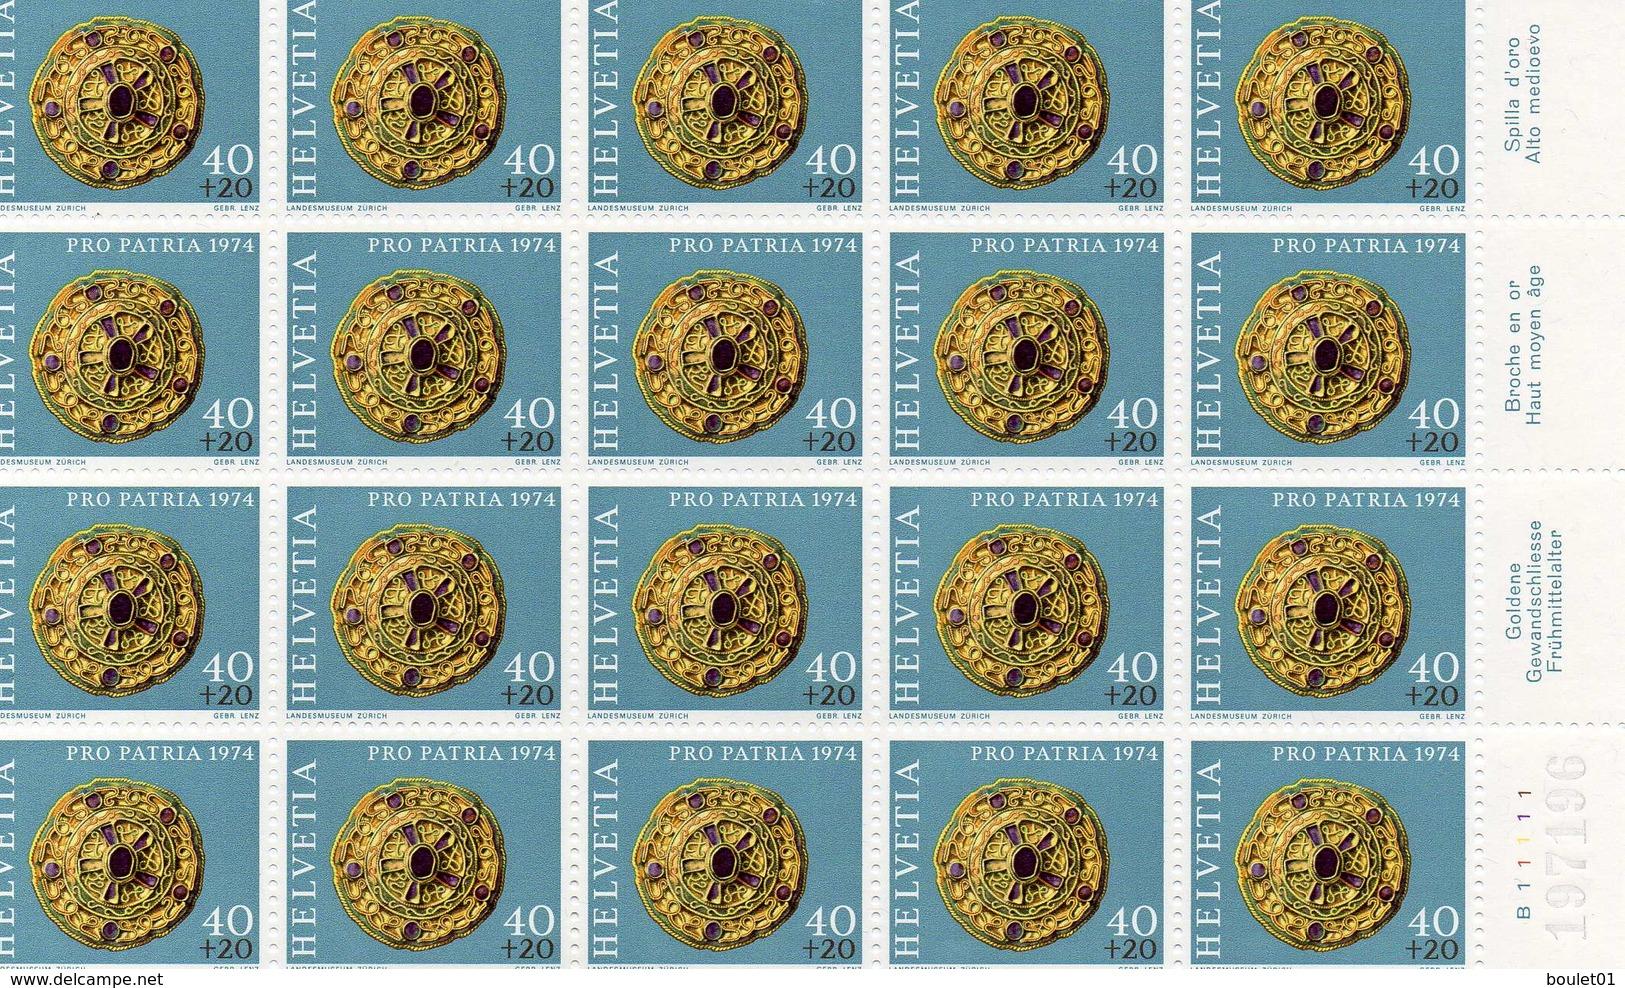 N° 961, 962, 963, 964 Neufs En Feuille De 20 Pour Une Cote De 75 Euros Ou 29 Francs Suisse Pour Affranchisement - Lotti/Collezioni